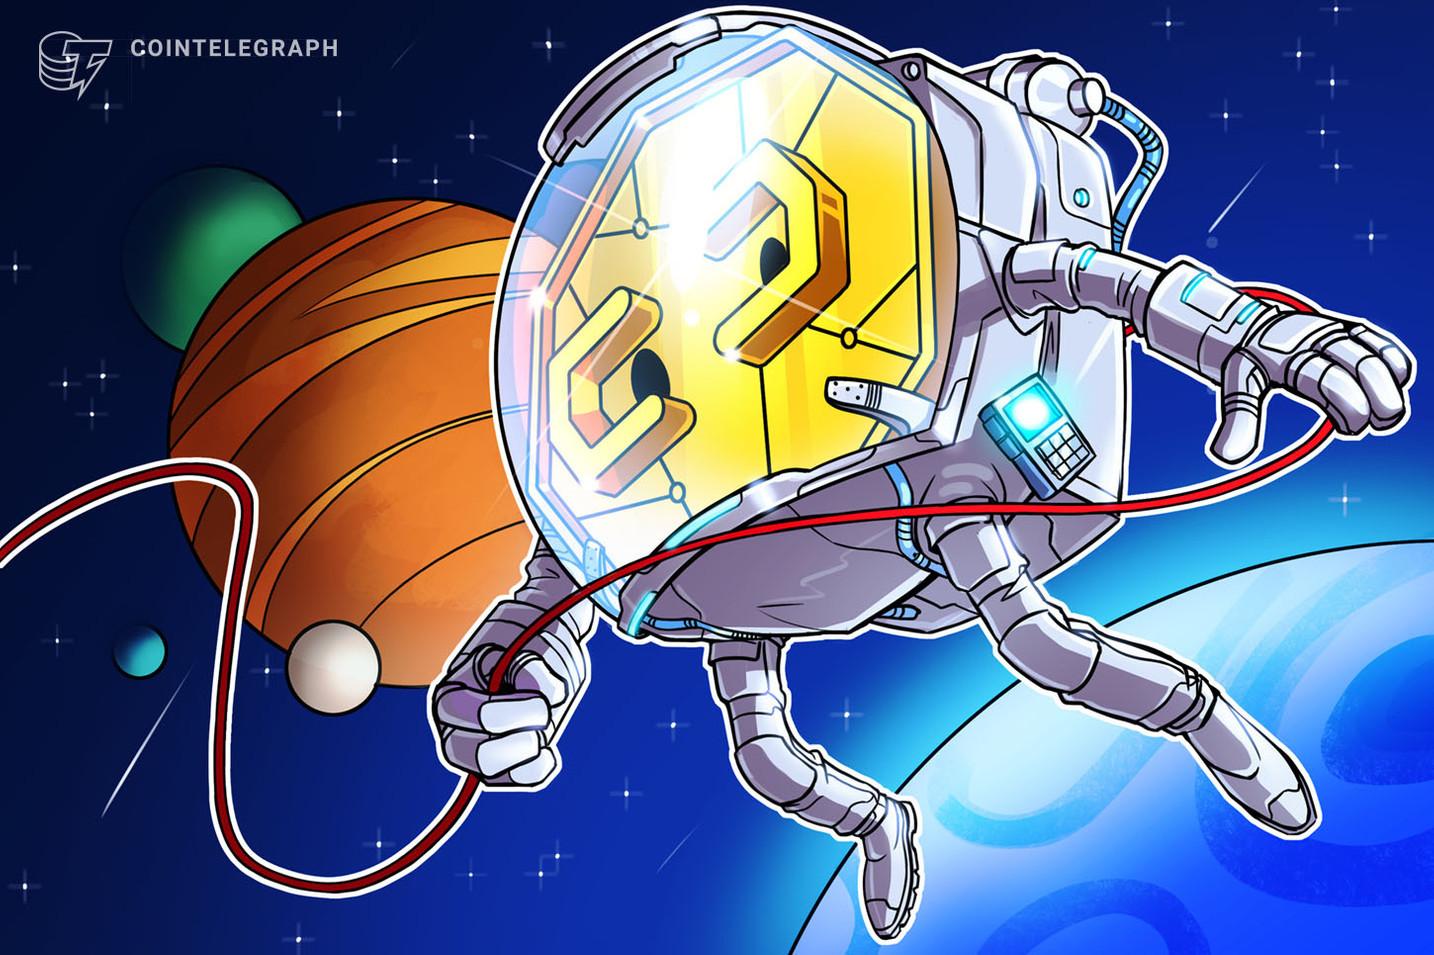 Três tokens se destacam enquanto mercado começa a subir e lideram com ganhos de até 15% em 24 horas